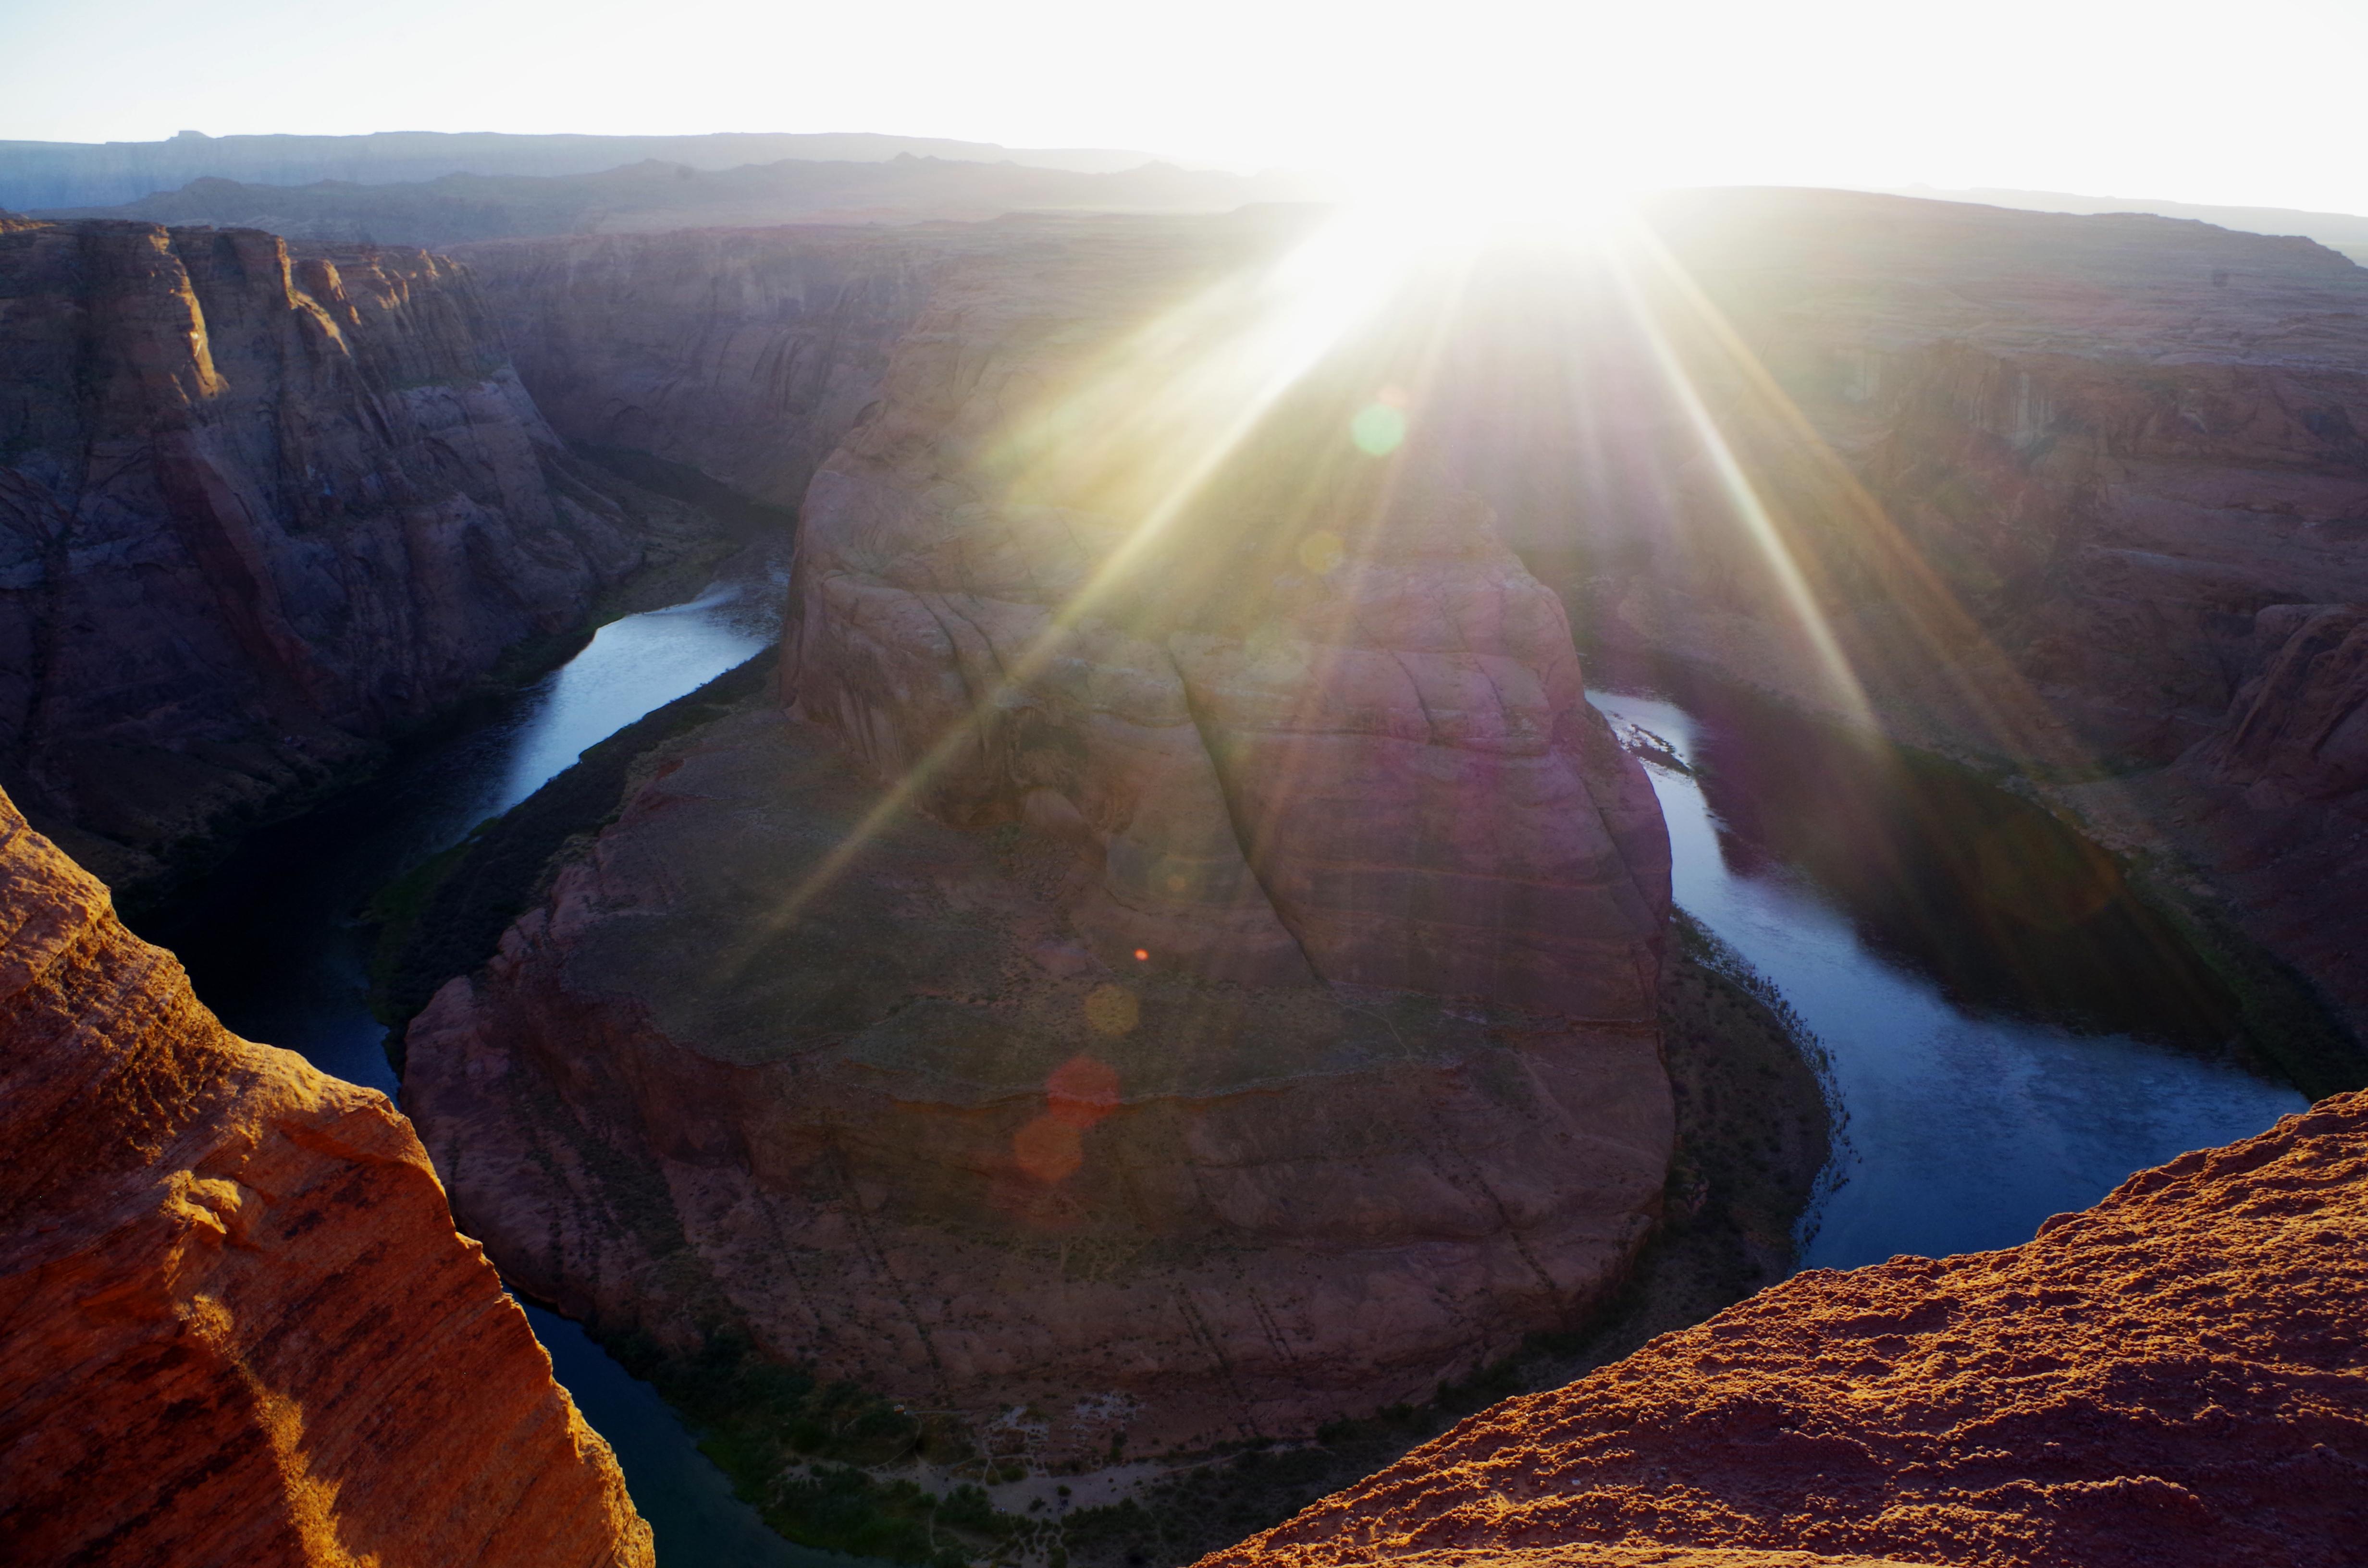 Der Horse Shoe Bend trägt seinen Namen nicht umsonst. Hier läuft der Colorado River durch eine Hufeisenform.